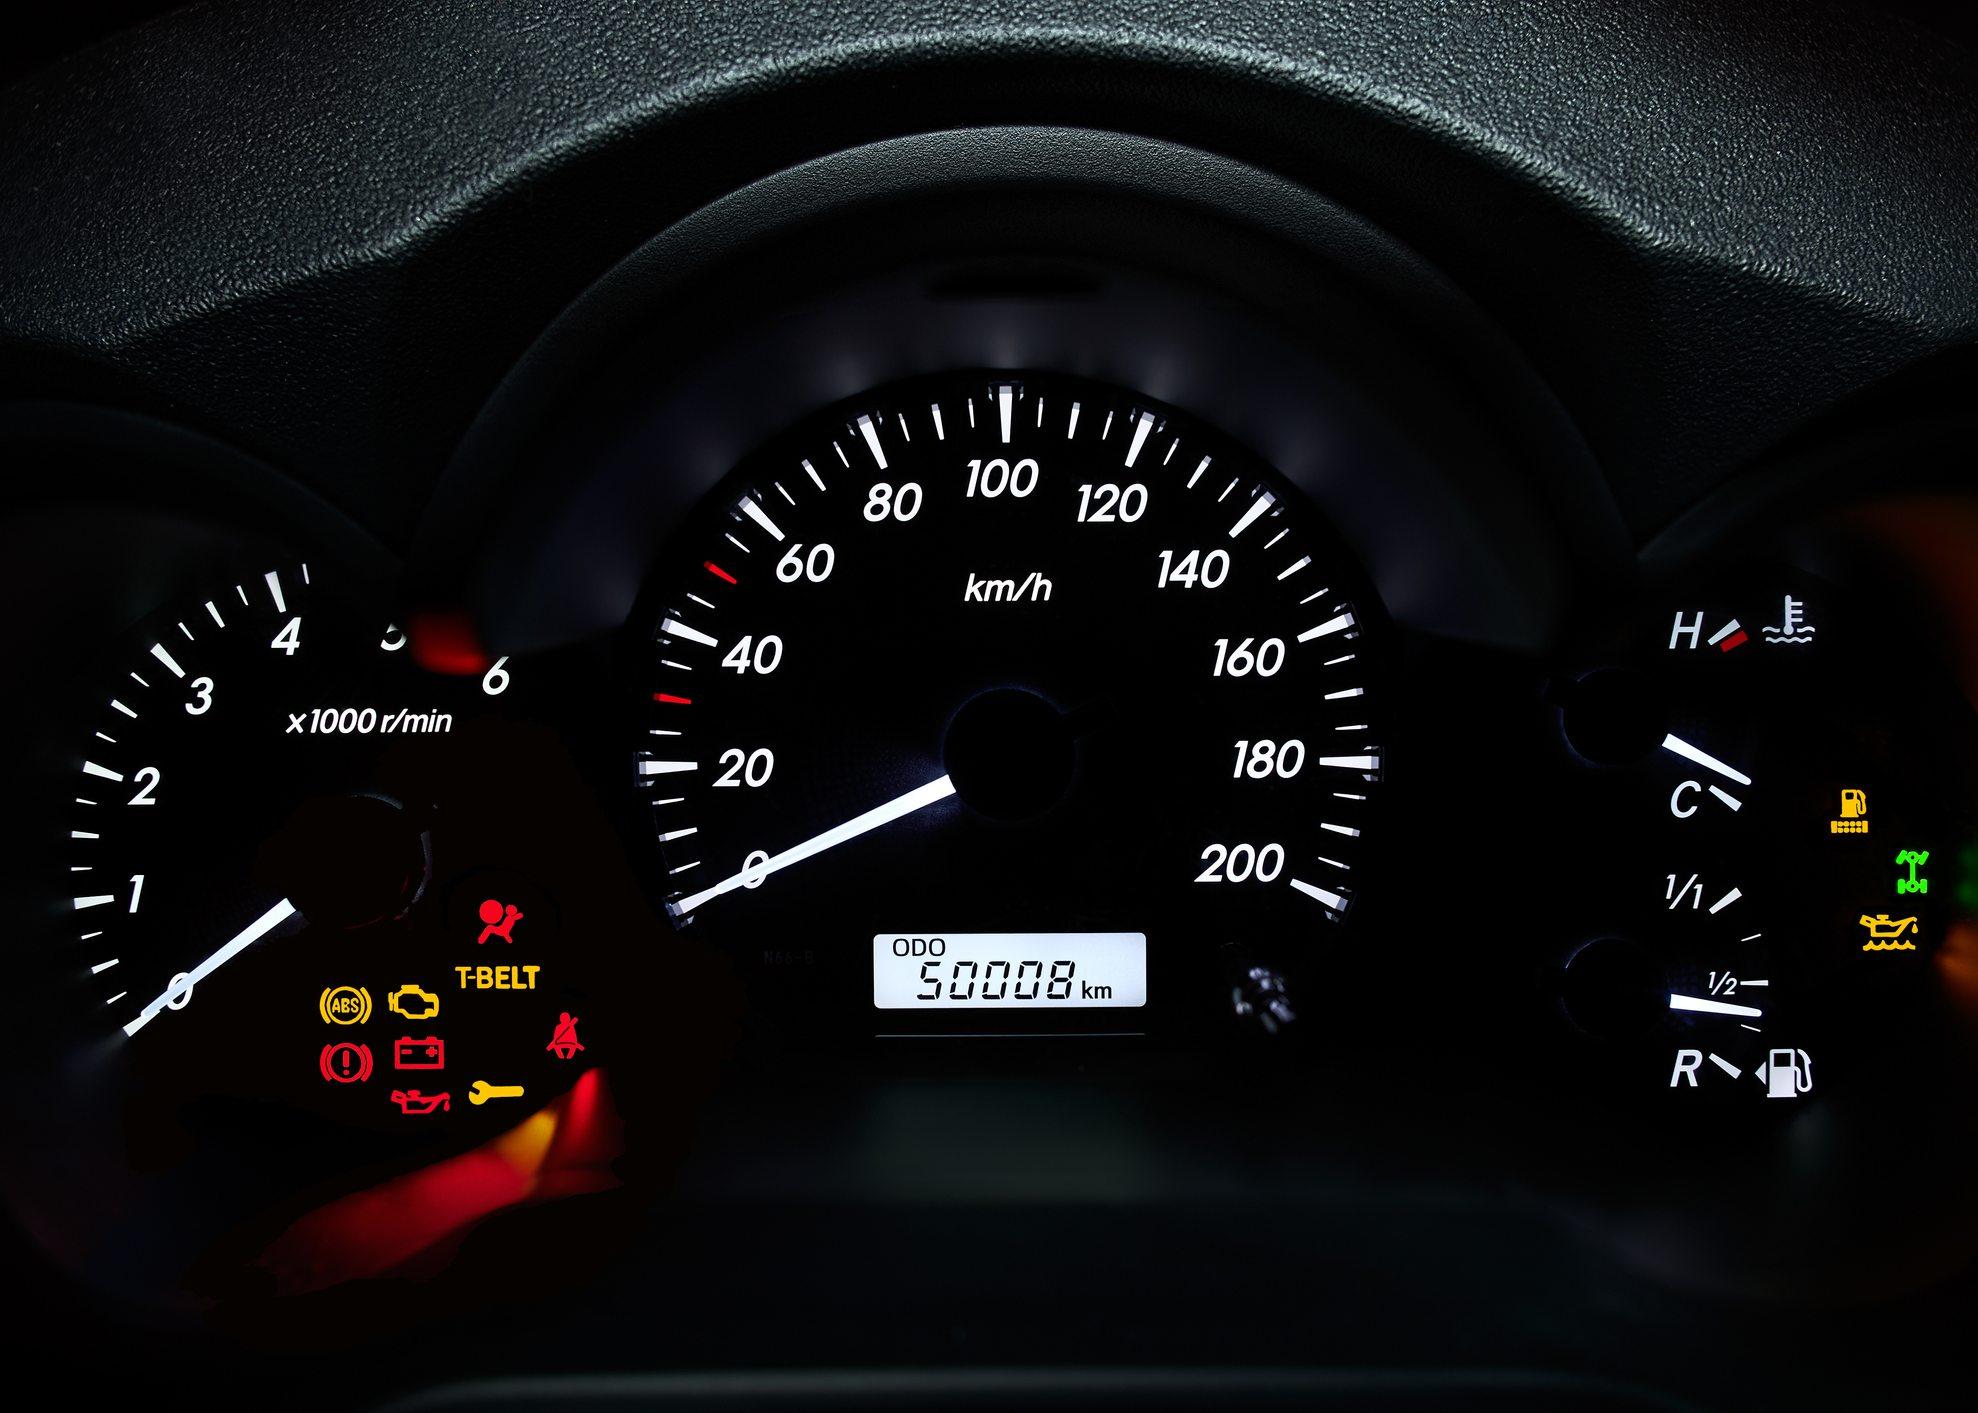 odómetro carro